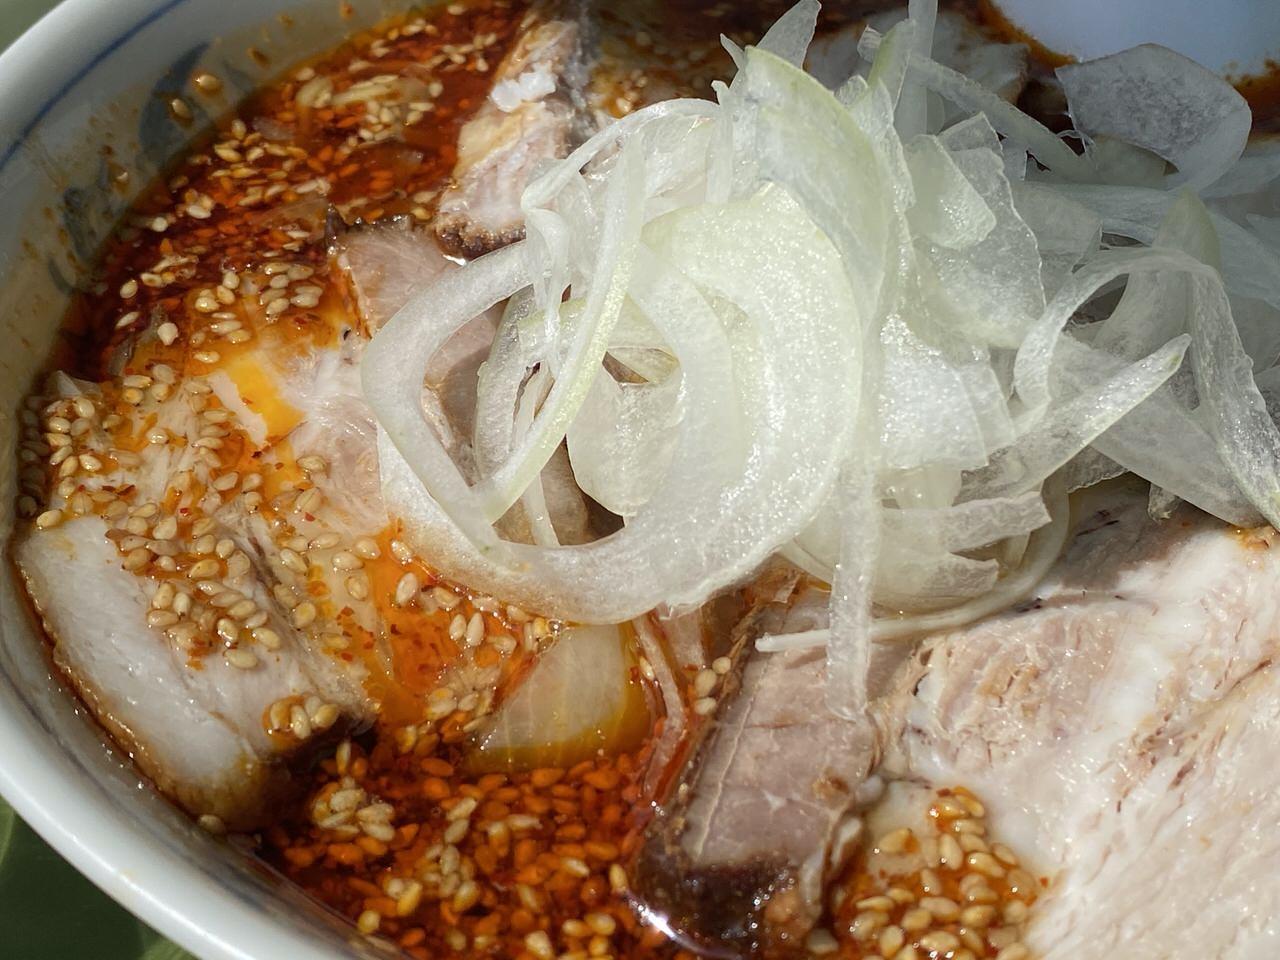 「お食事処 いしい」勝浦タンタンメン 11